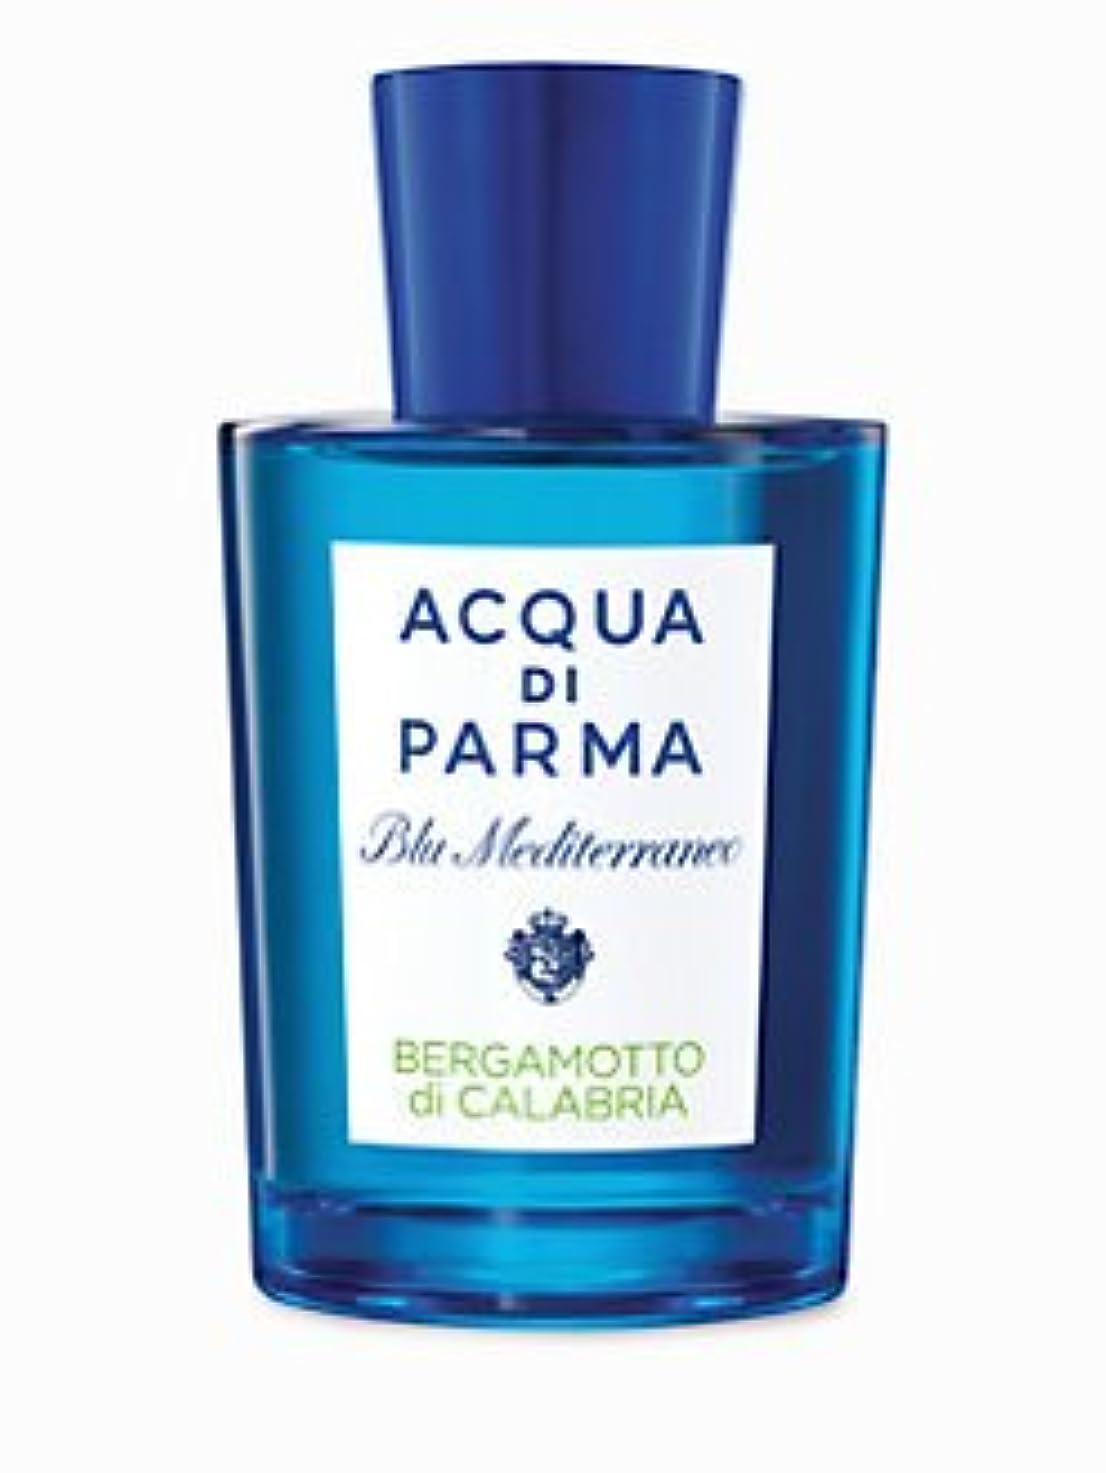 手を差し伸べる不誠実アトムBlu Mediterraneo Bergamotto di Calabria (ブルー メディタレーネオ ベルガモット カラブリア) 2.0 oz (60ml) EDT Spray by Acqua di Parma